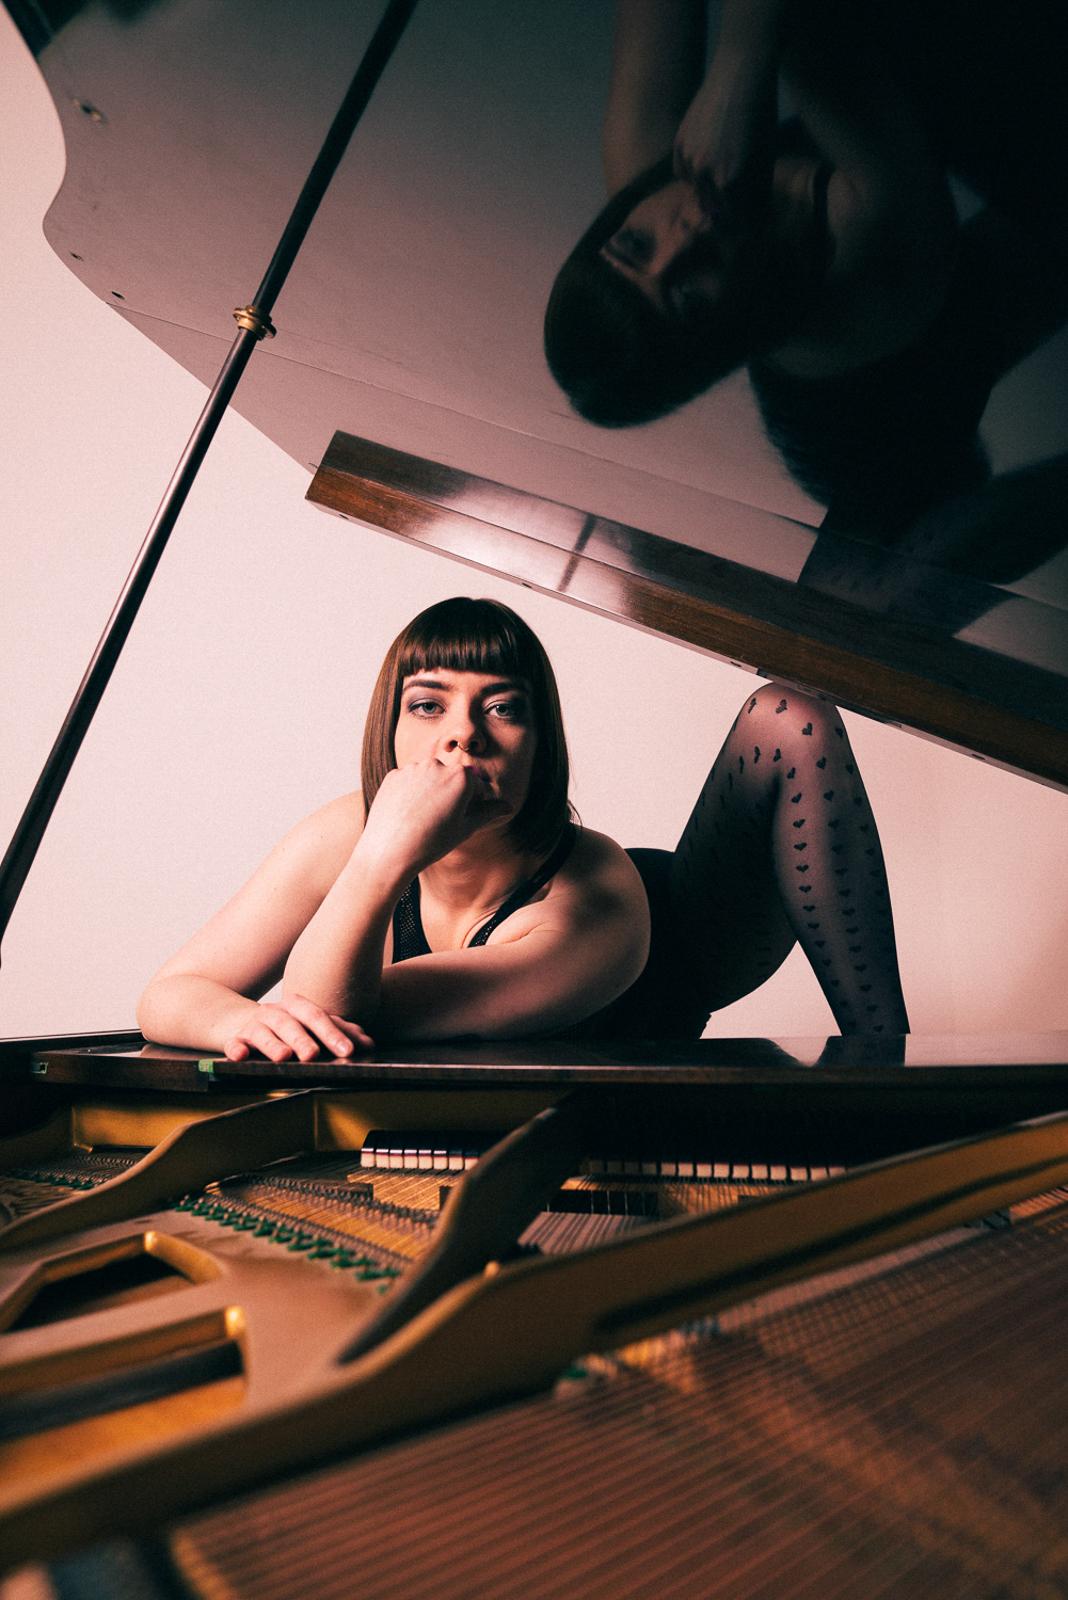 Isa, 2018, Opera Singer